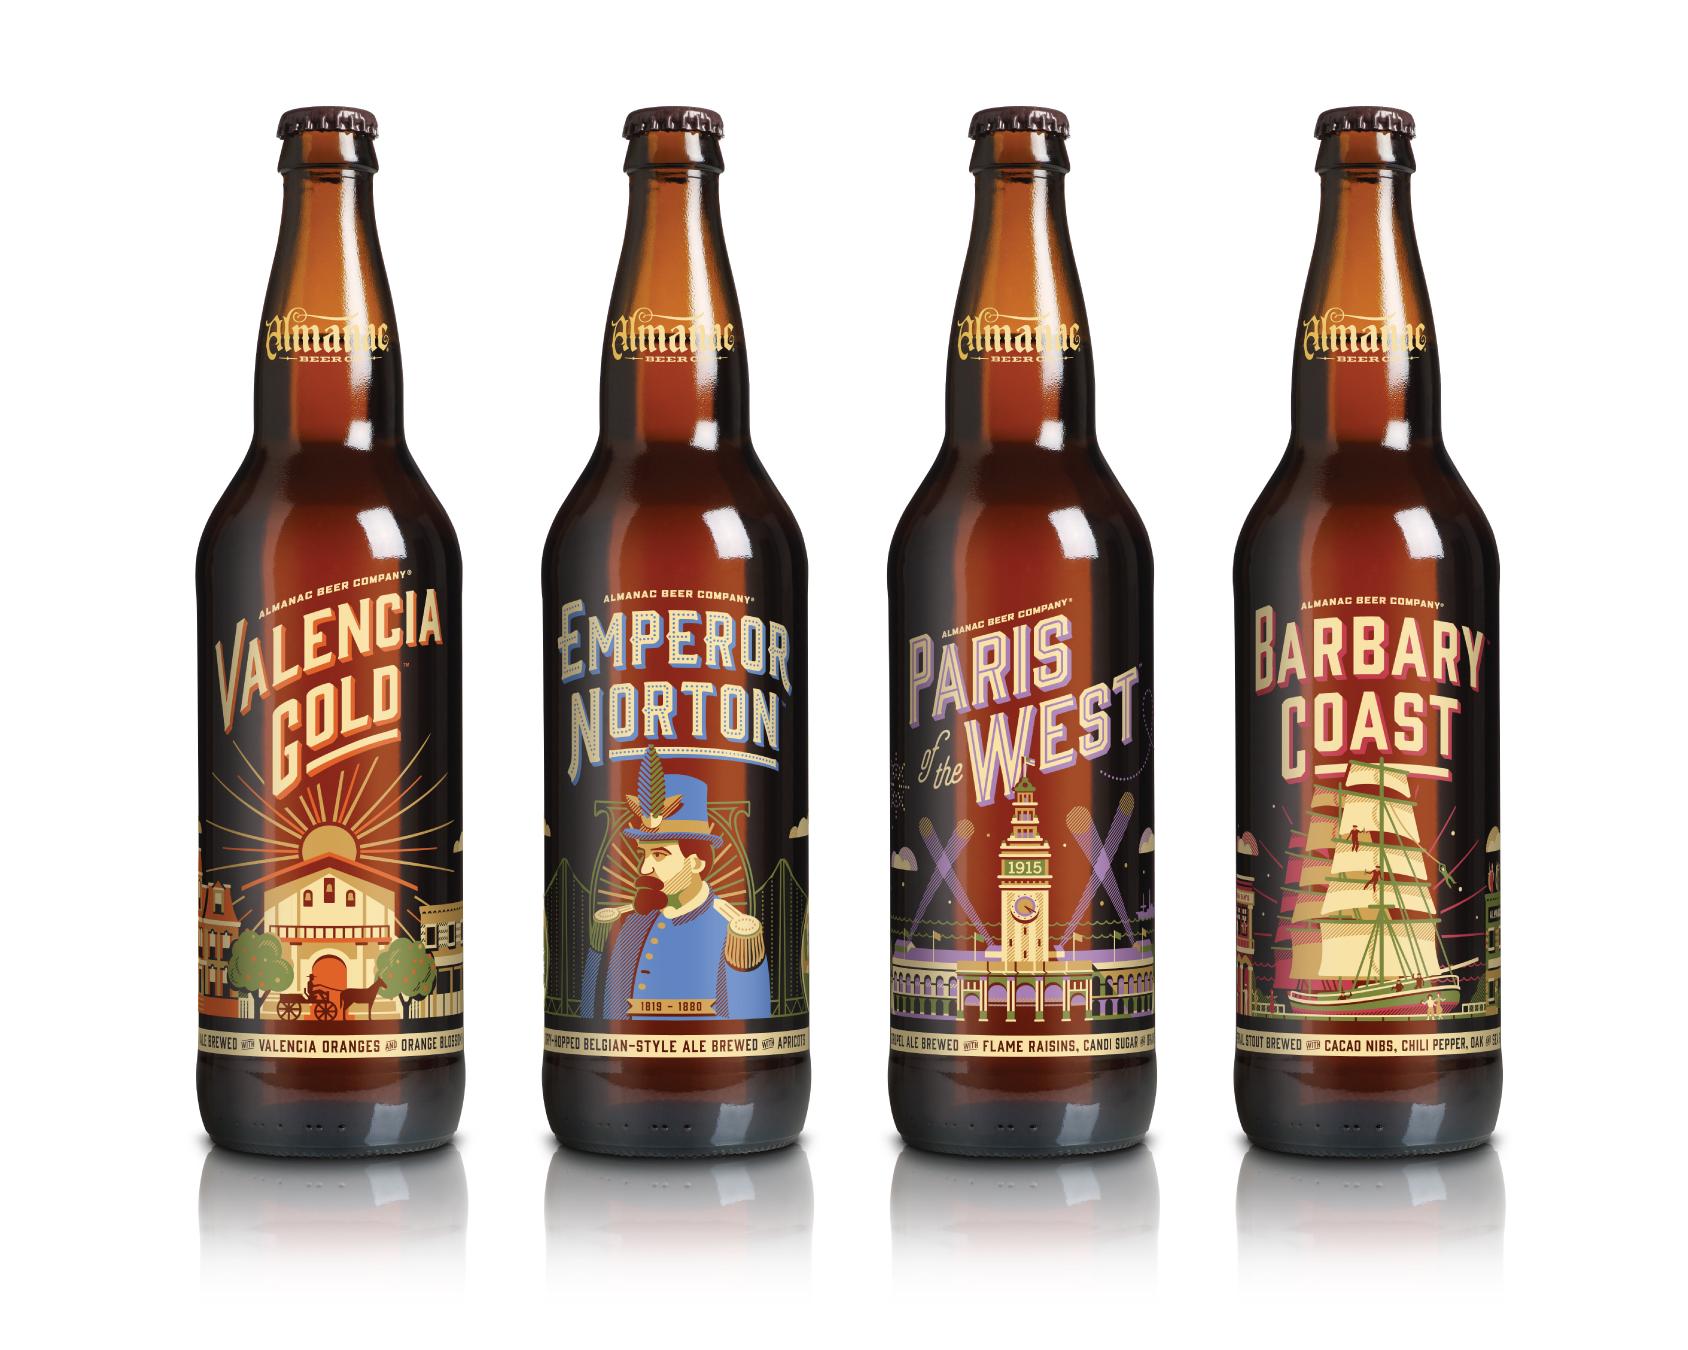 Almanac Beer Co. Seasonal Bottle Designs by DKNG